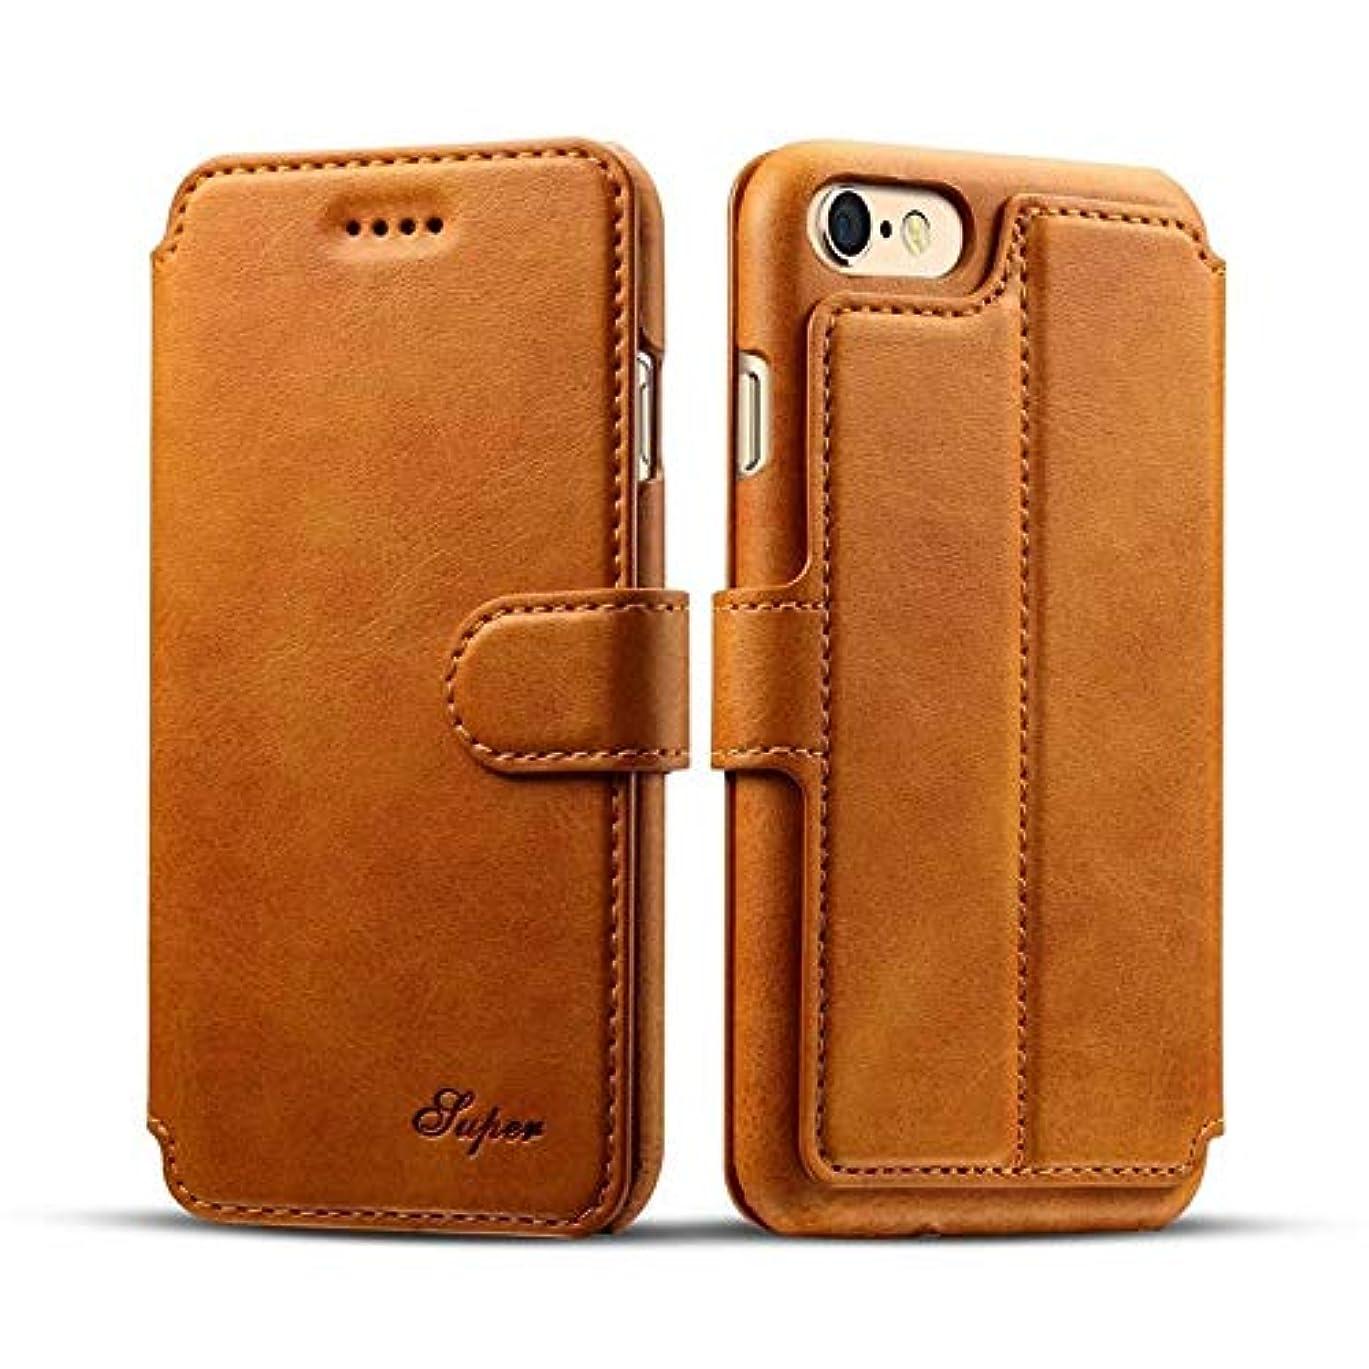 アルファベット順輝く箱Shaclobx 電話アクセサリー IPhone 6 Plusケース、iPhone 6s plusレザーケースカバー、プレミアム品質牛革レザーケース保護カバー付きiPhone 6 / 6s Plus用 (Color : Brown)